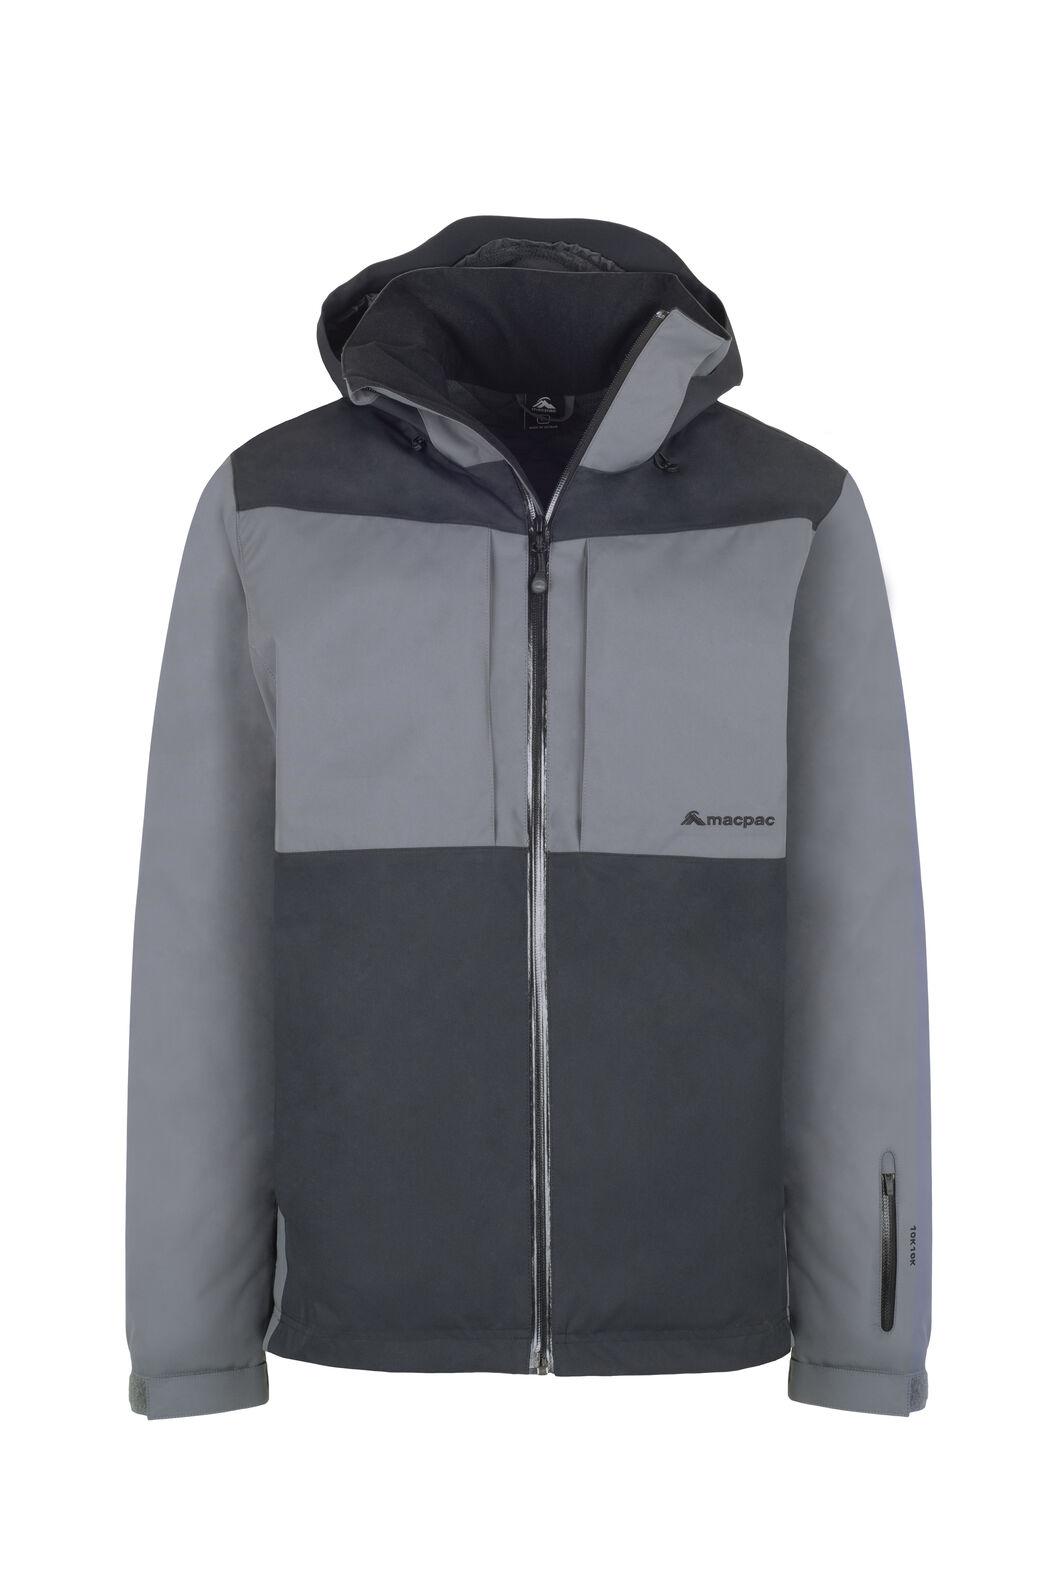 Macpac Slope Jacket - Men's, Black/Iron Gate, hi-res